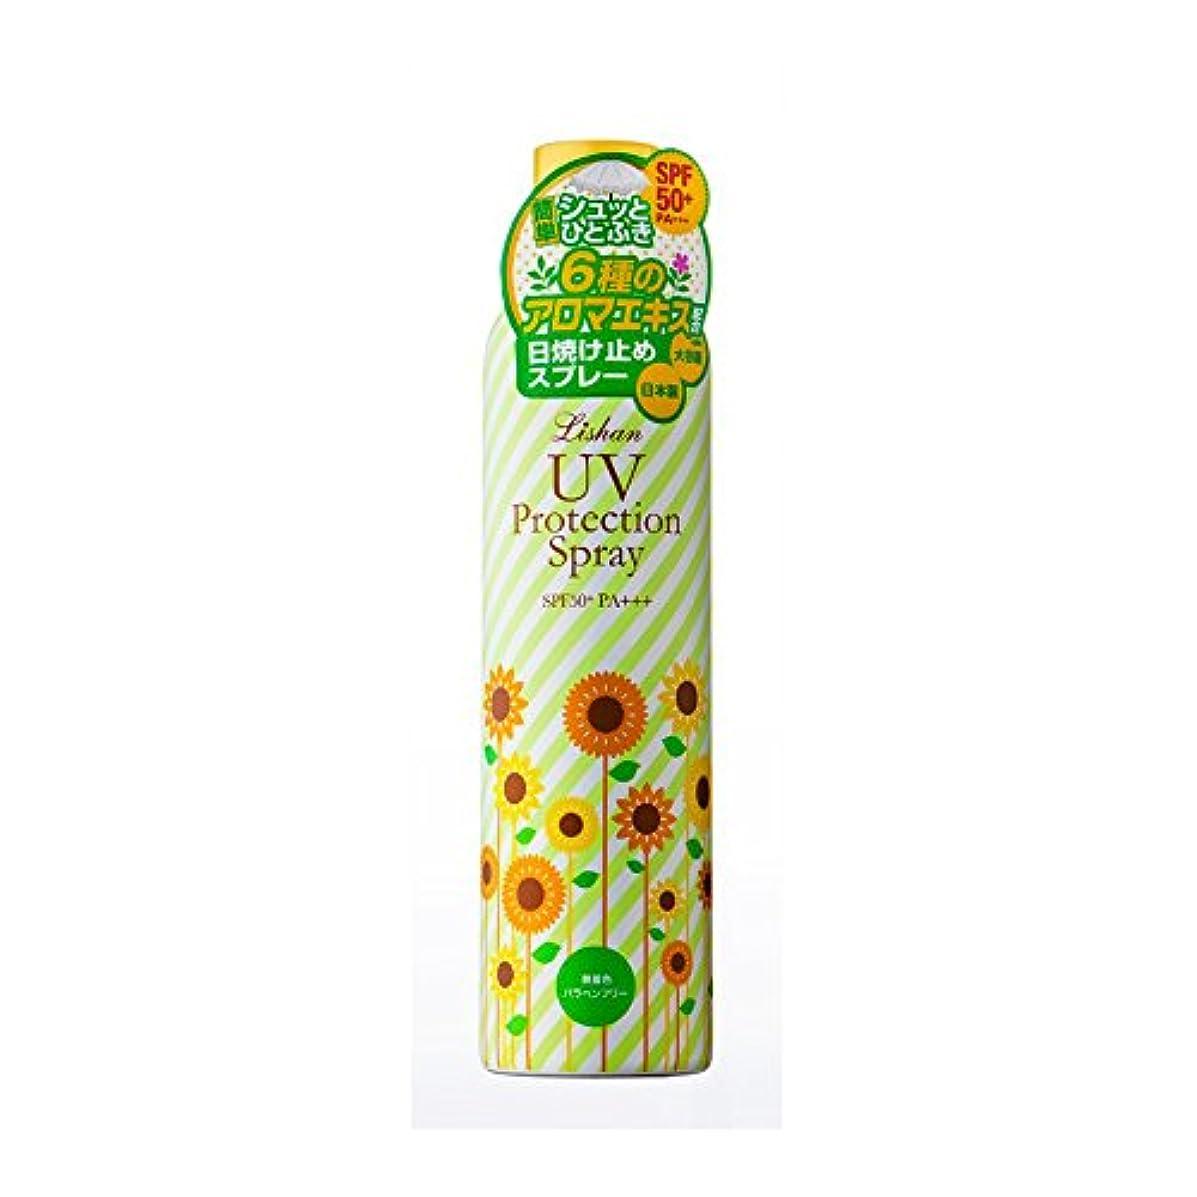 揃えるマングルフォークリシャン 大容量UVスプレー アロマミックスの香り (230g)